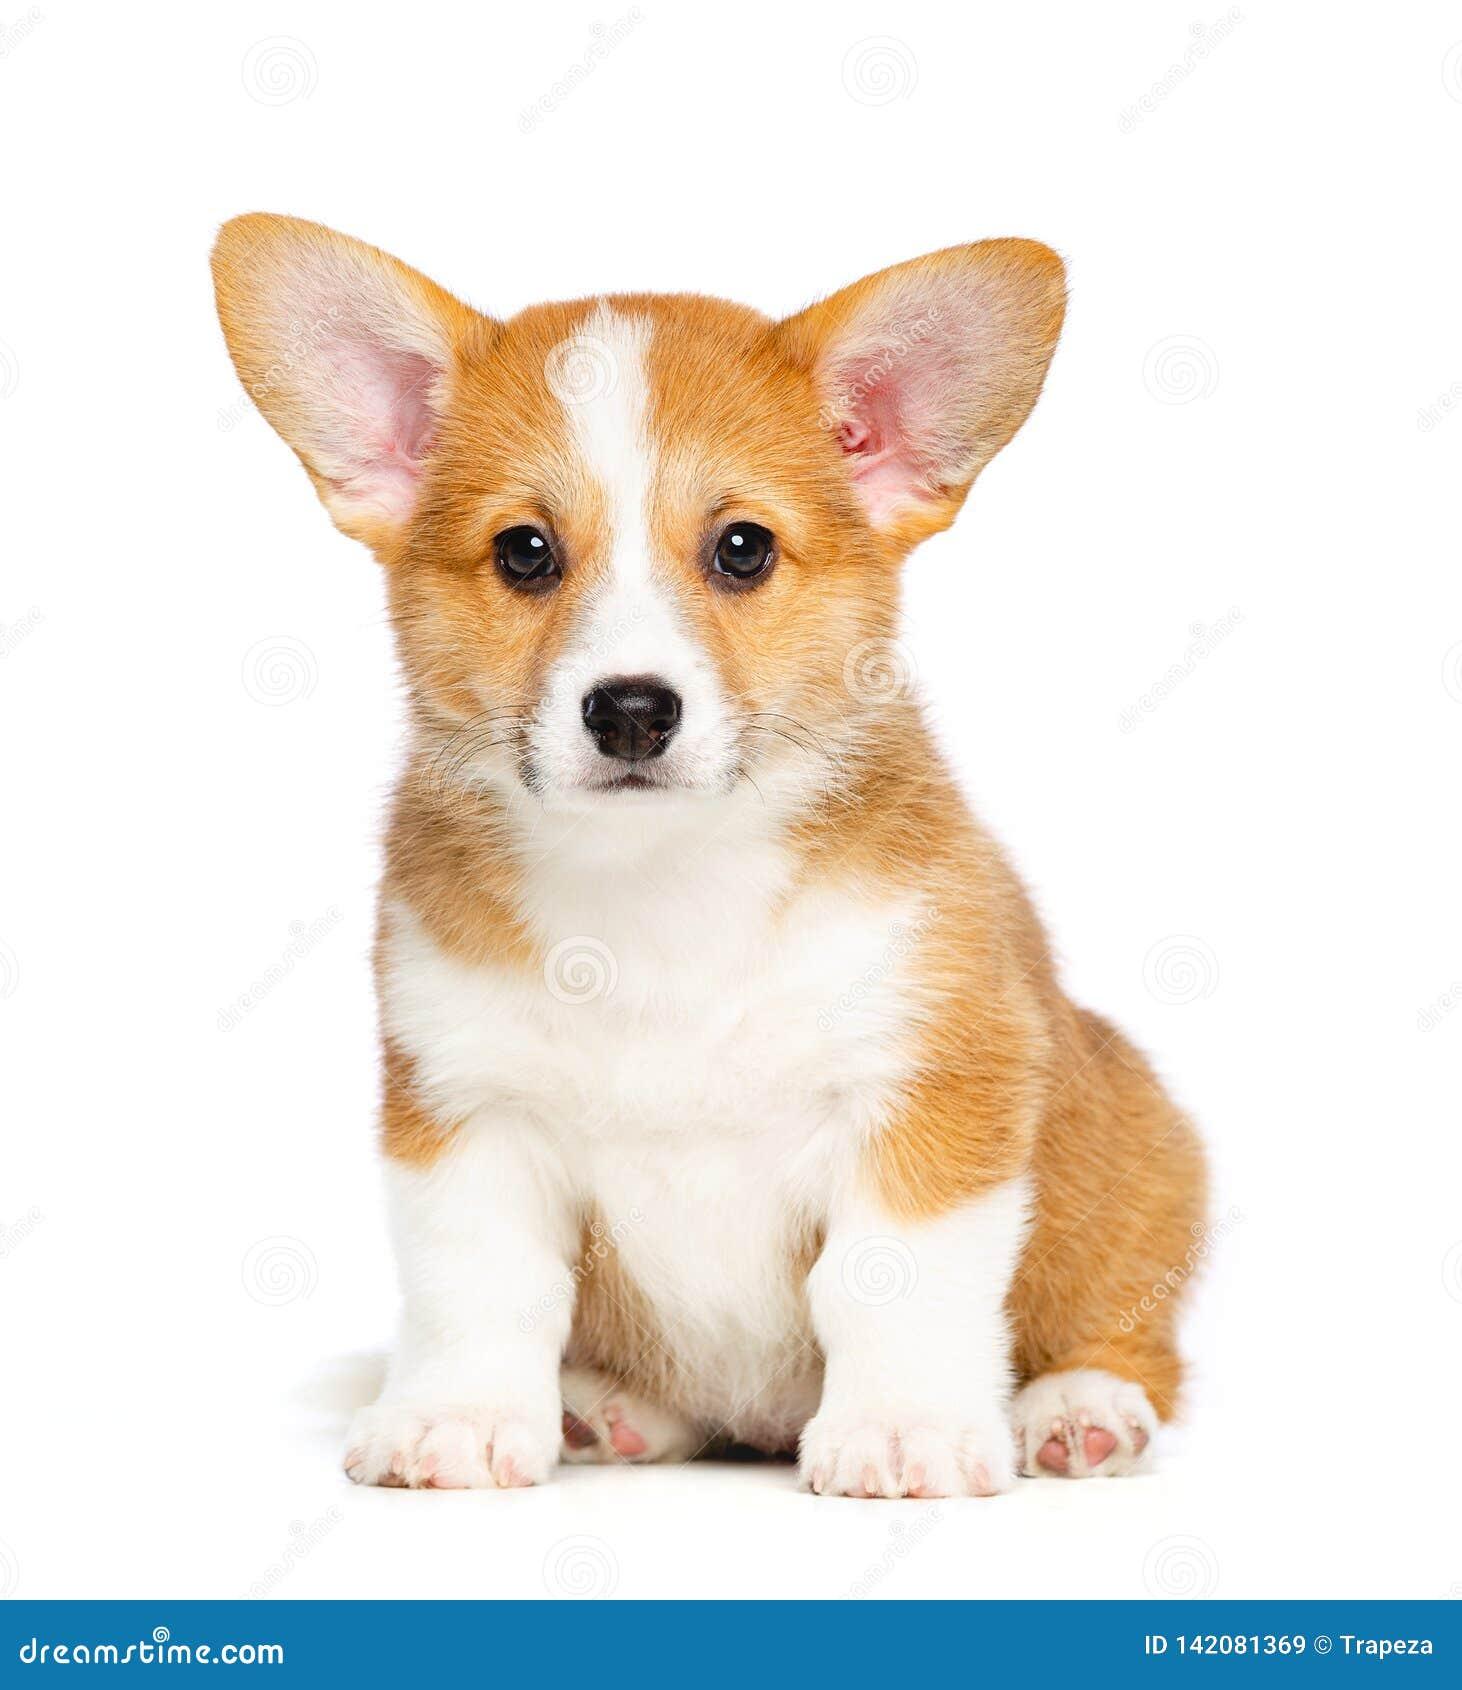 Waliser-Corgi Pembroke Puppy Dog Isolated auf schwarzem Hintergrund